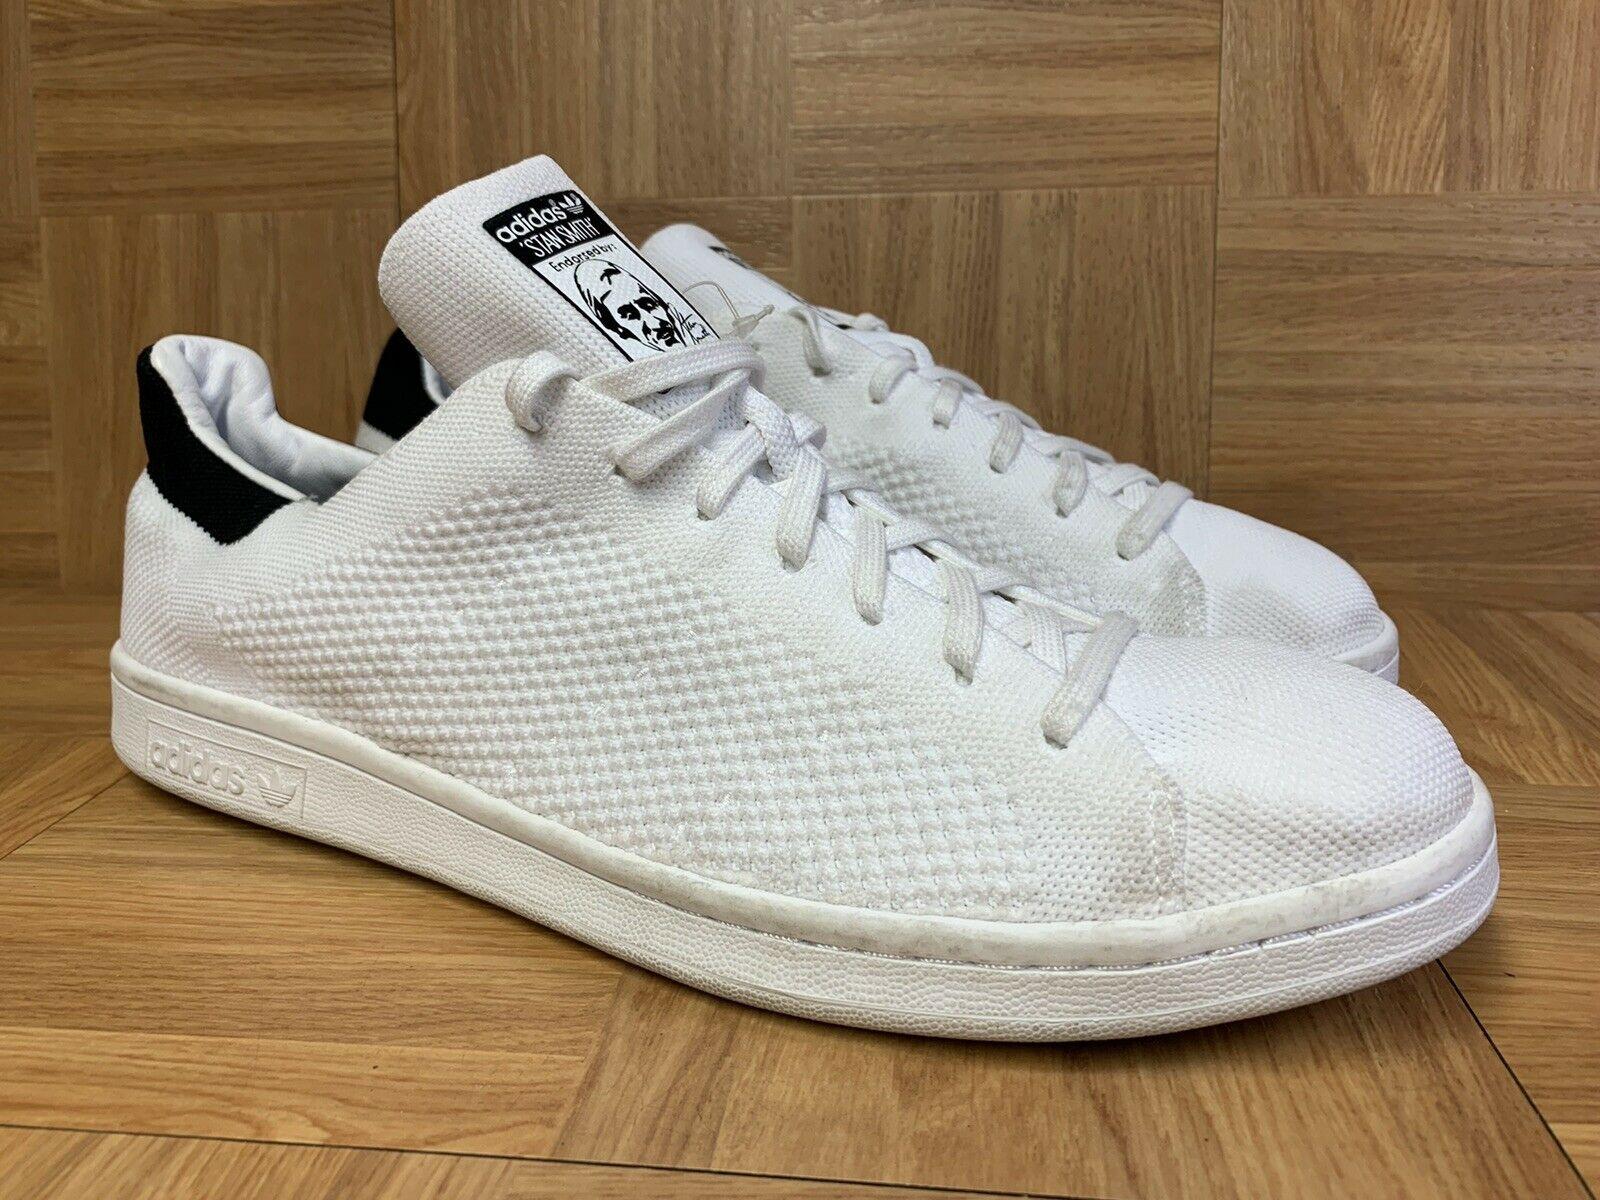 Adidas Stan Smith Primeknit White Blue